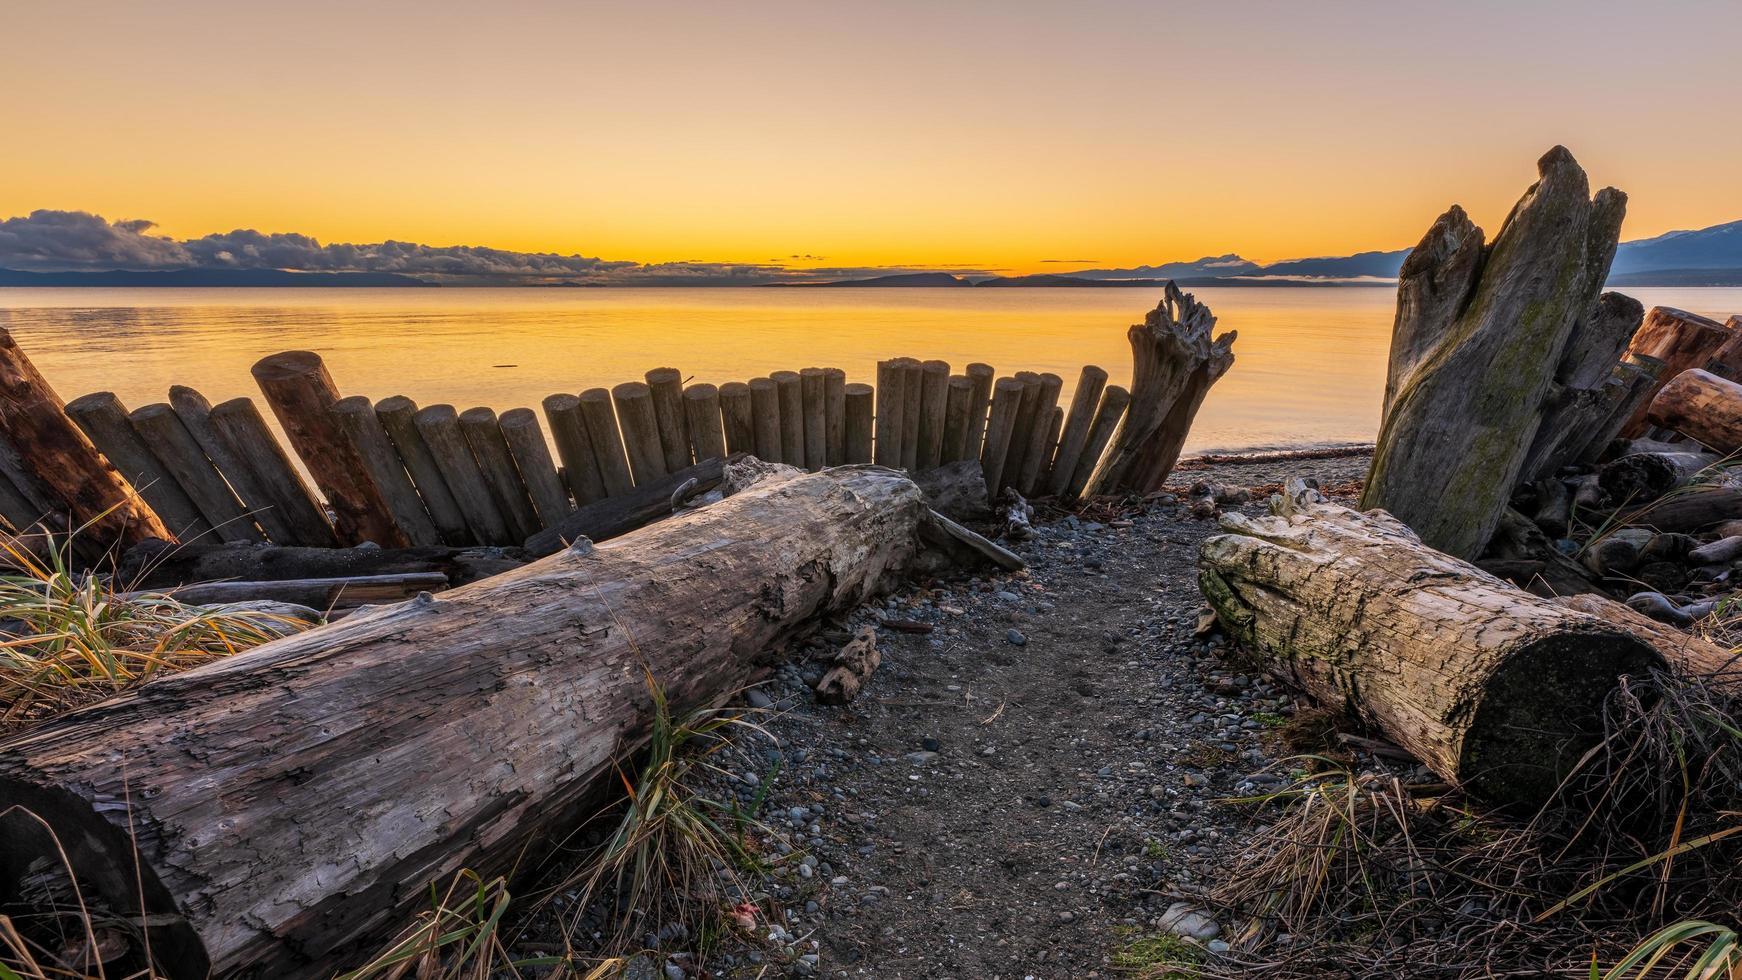 tronchi di legno marrone sulla spiaggia di sabbia foto